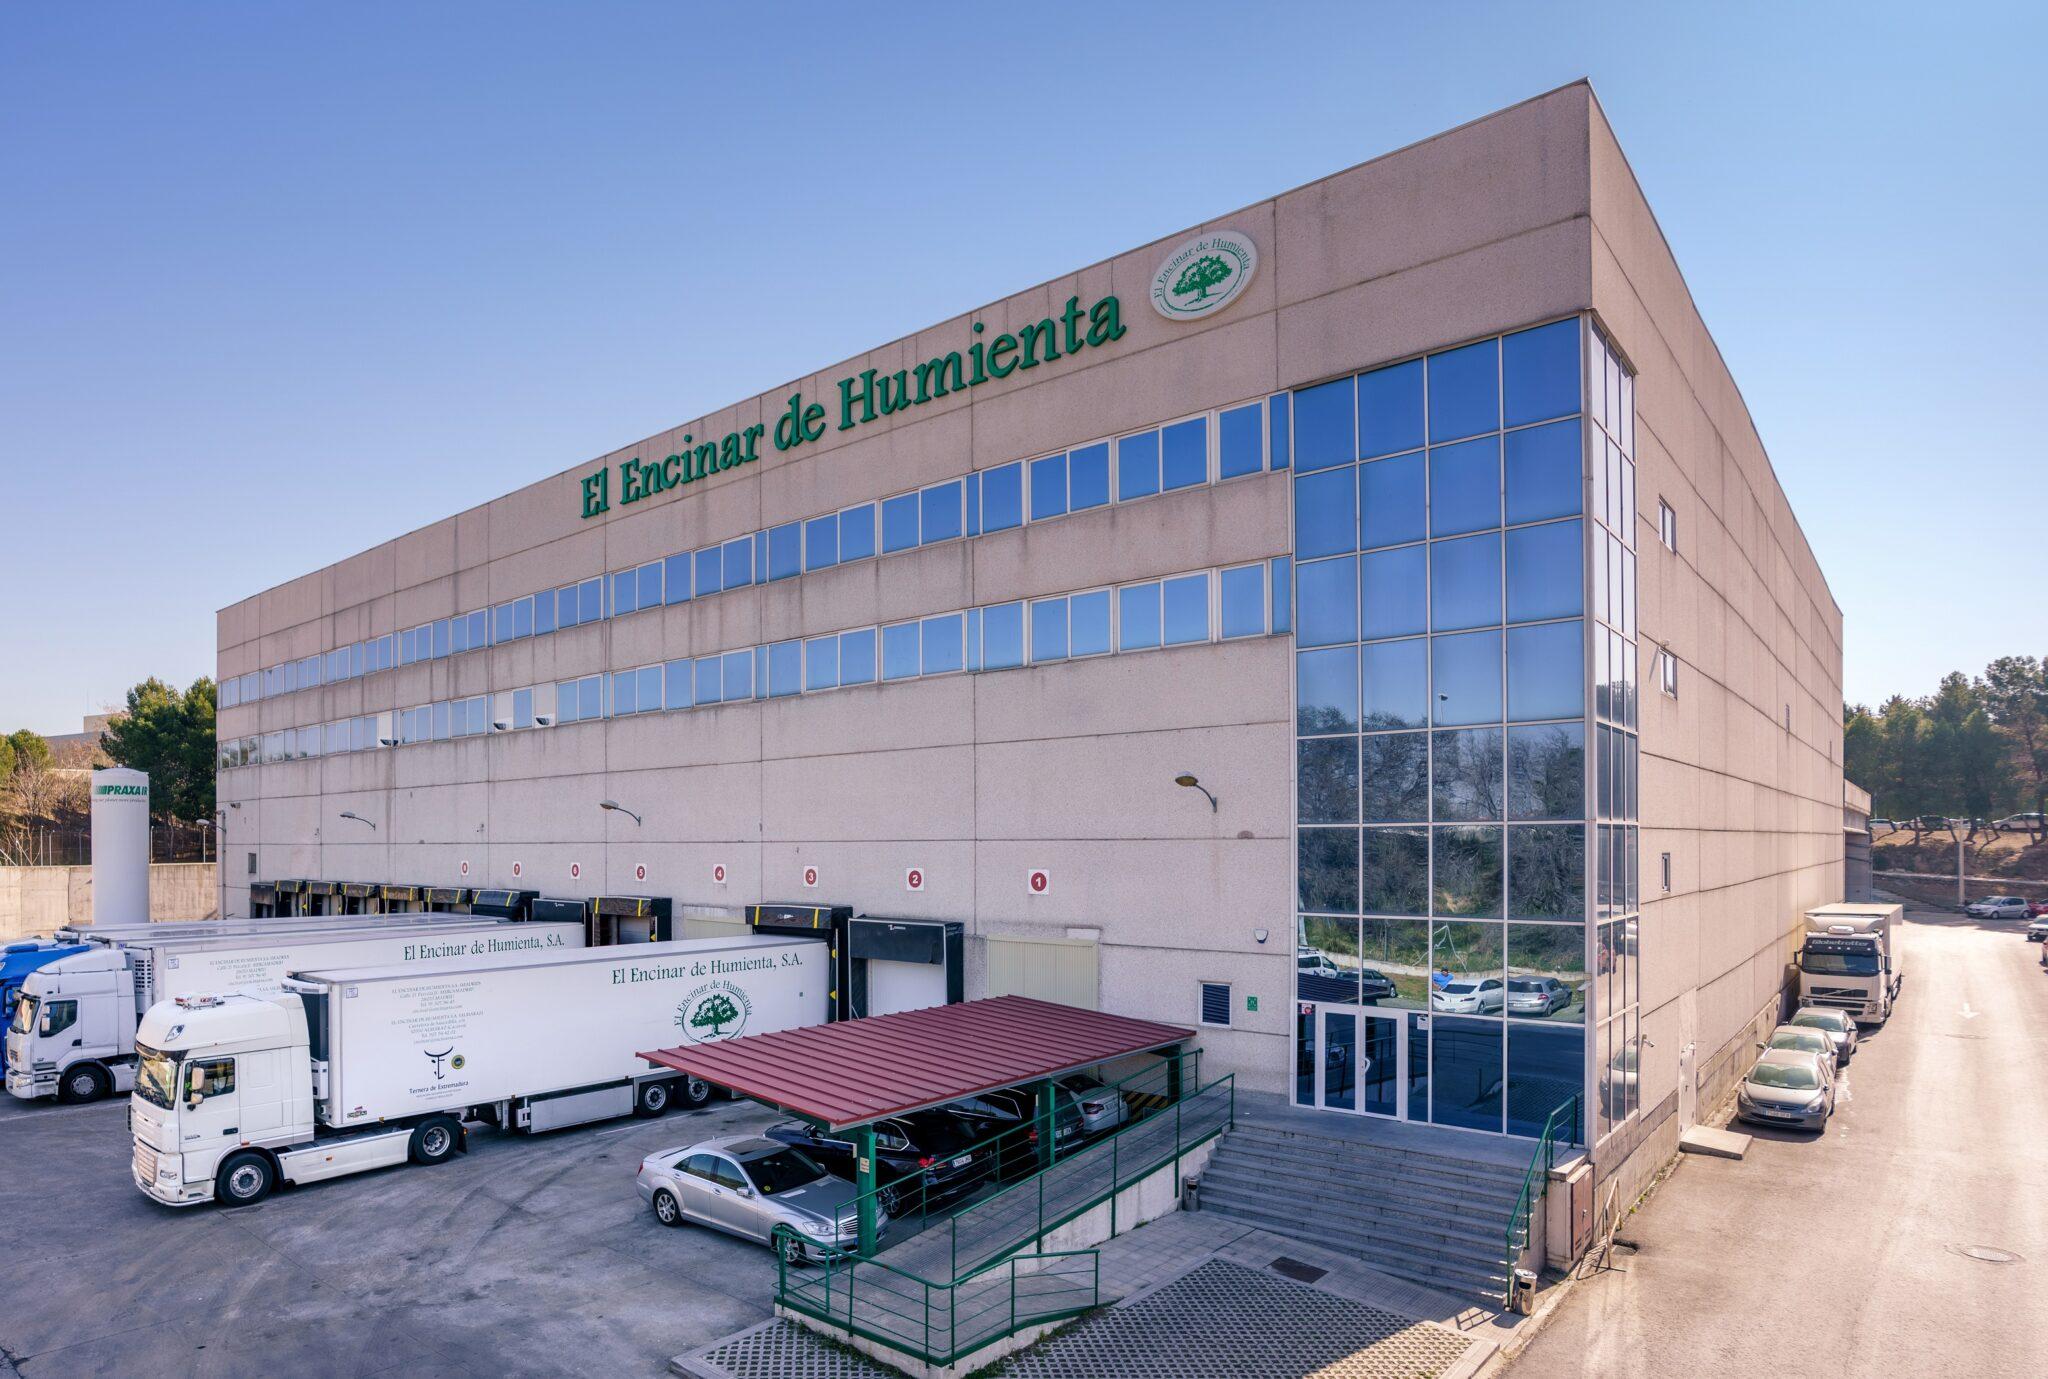 Opengy construirá la mayor instalación de autoconsumo fotovoltaico en Mercamadrid para la empresa cárnica El Encinar de Humienta